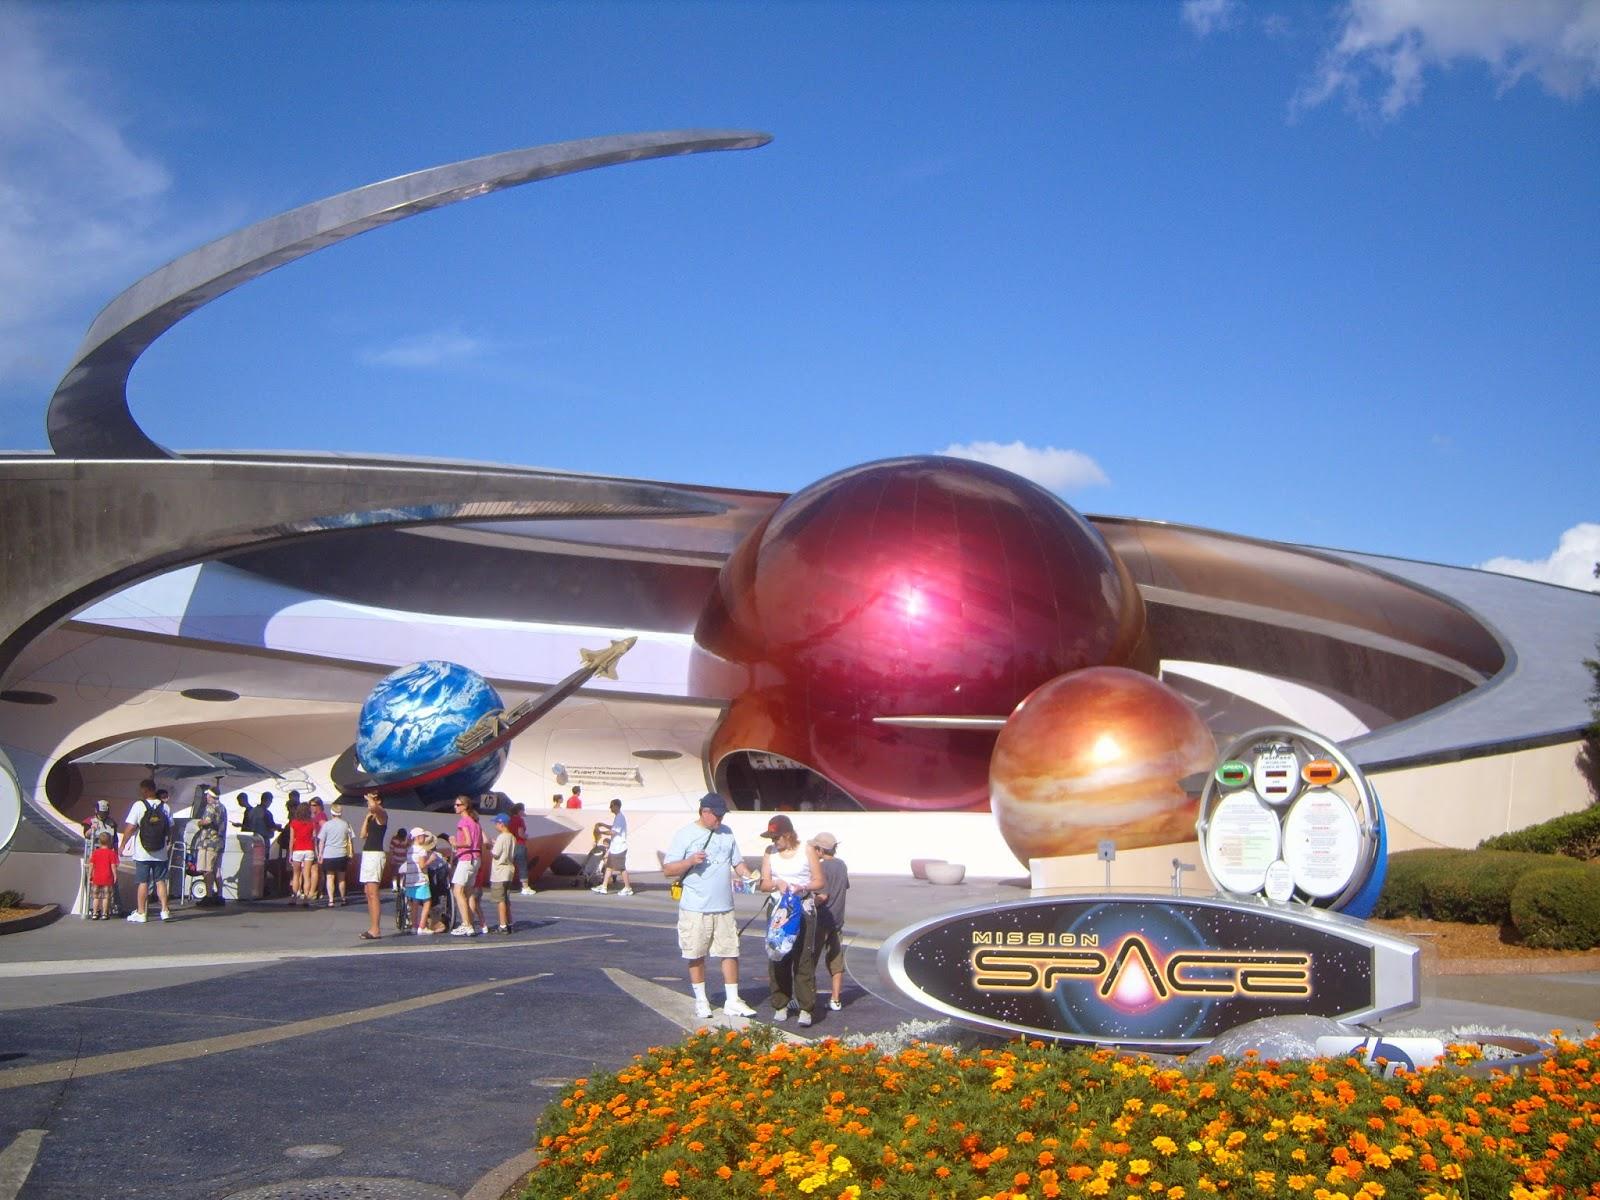 Parque Disney Epcot em Orlando - Mission Space